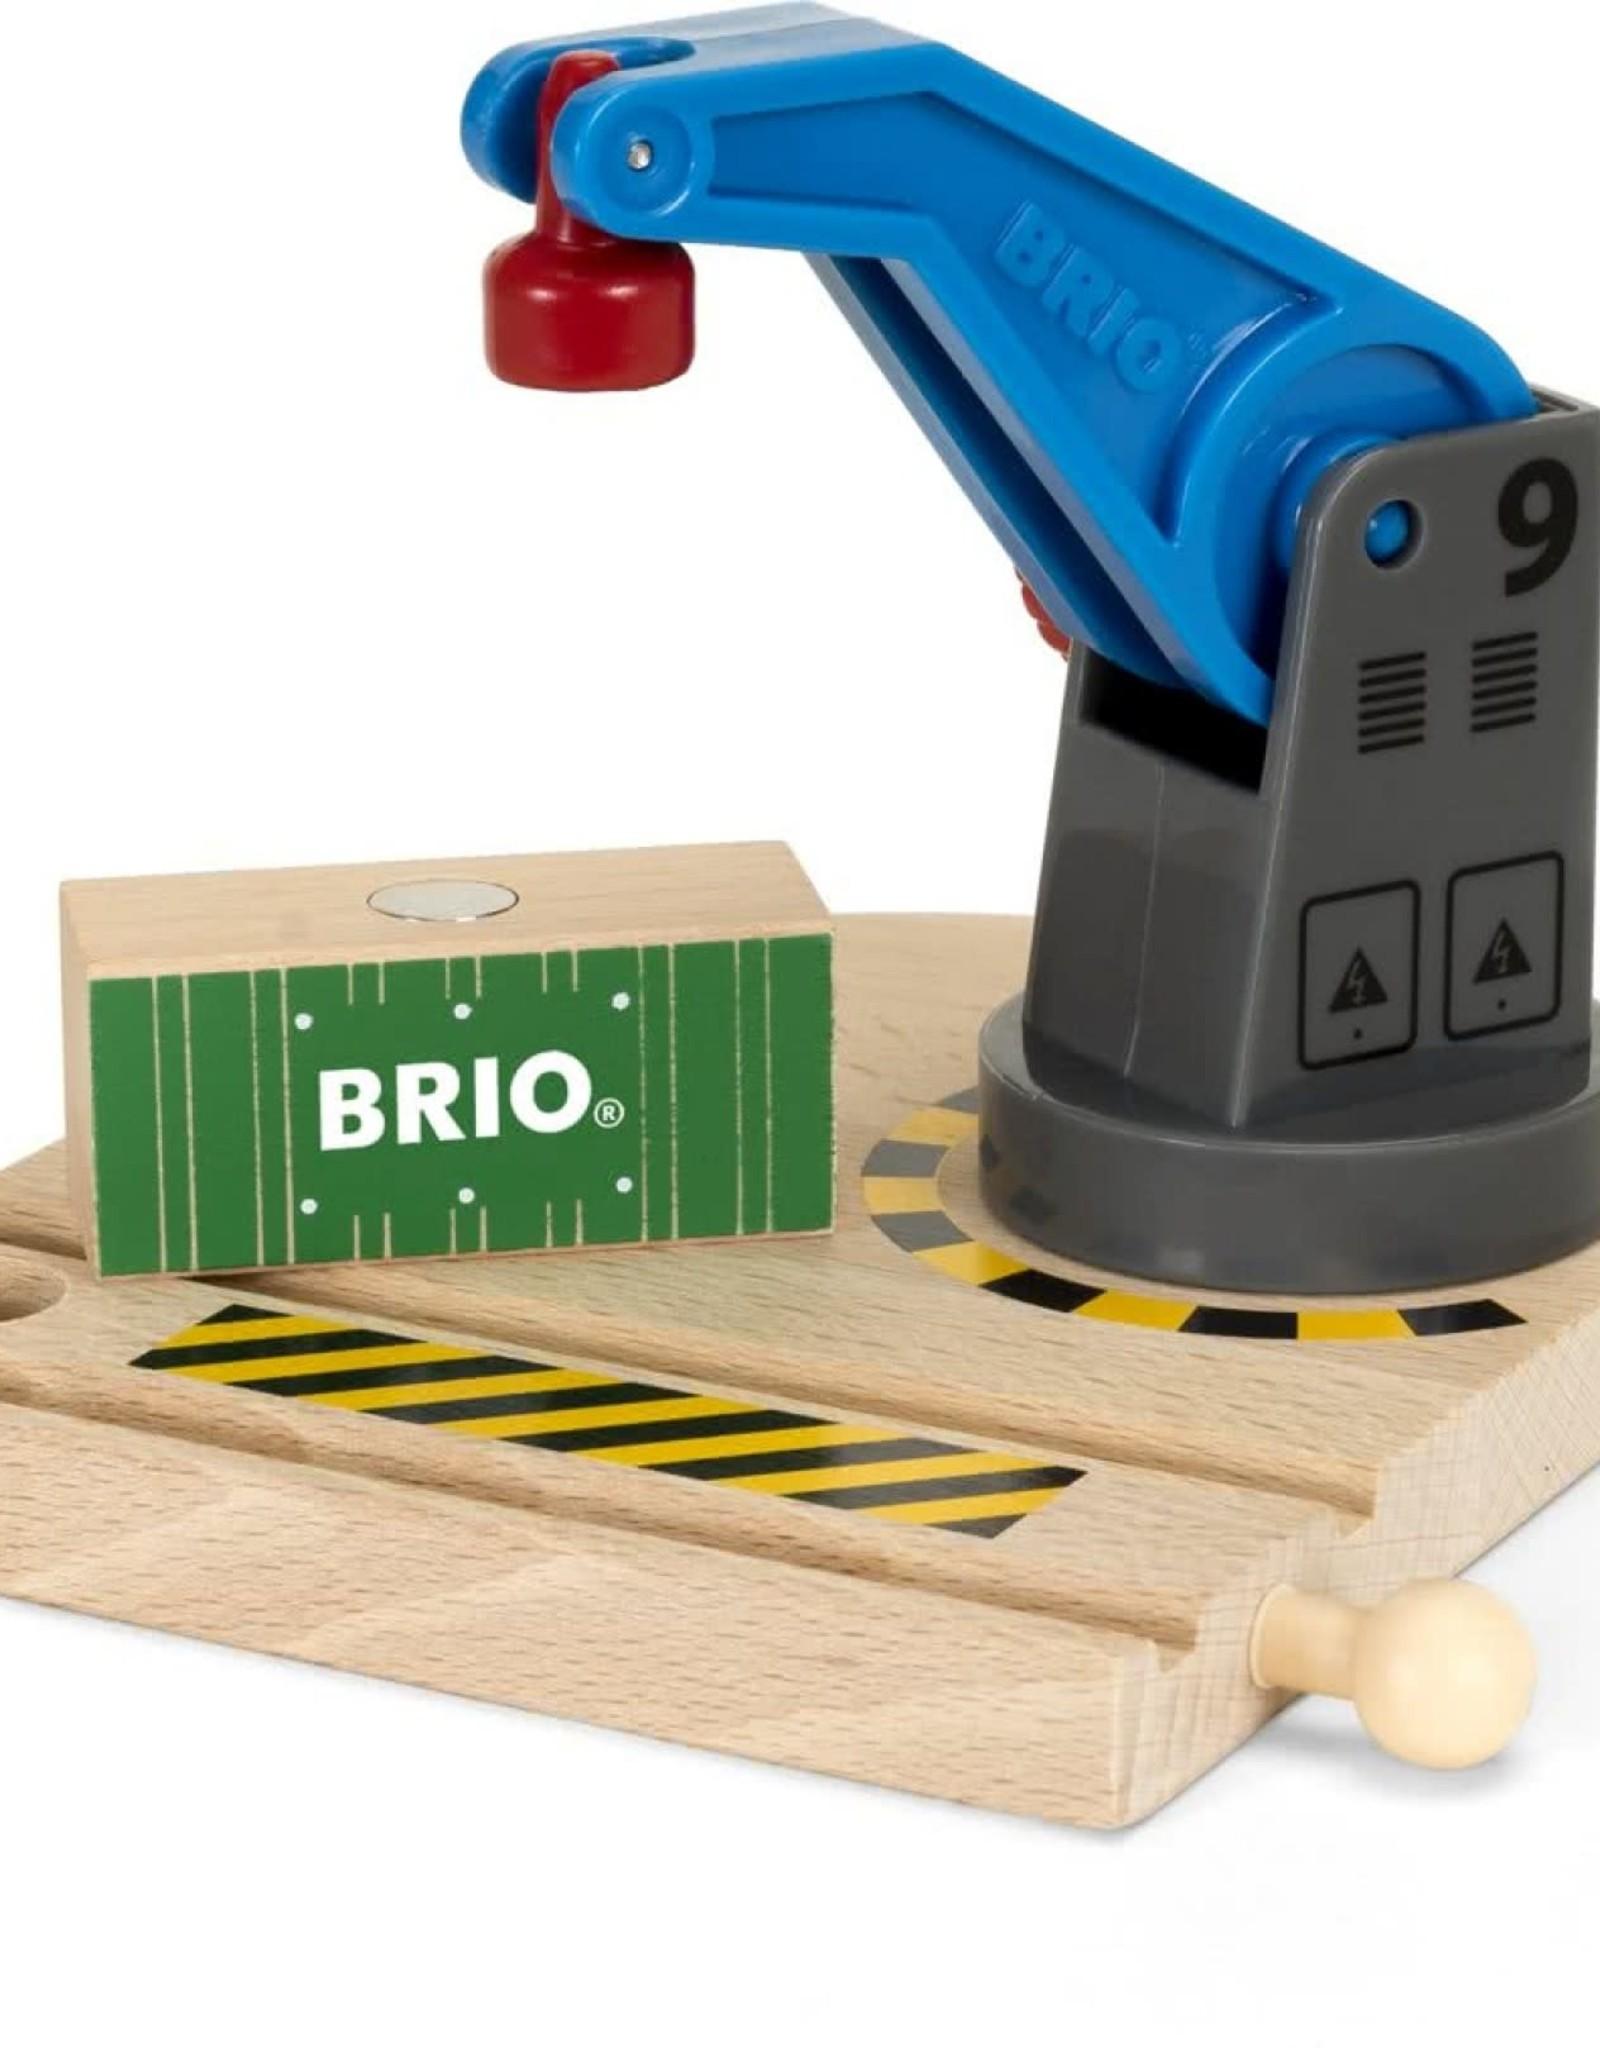 Brio Low Level Crane